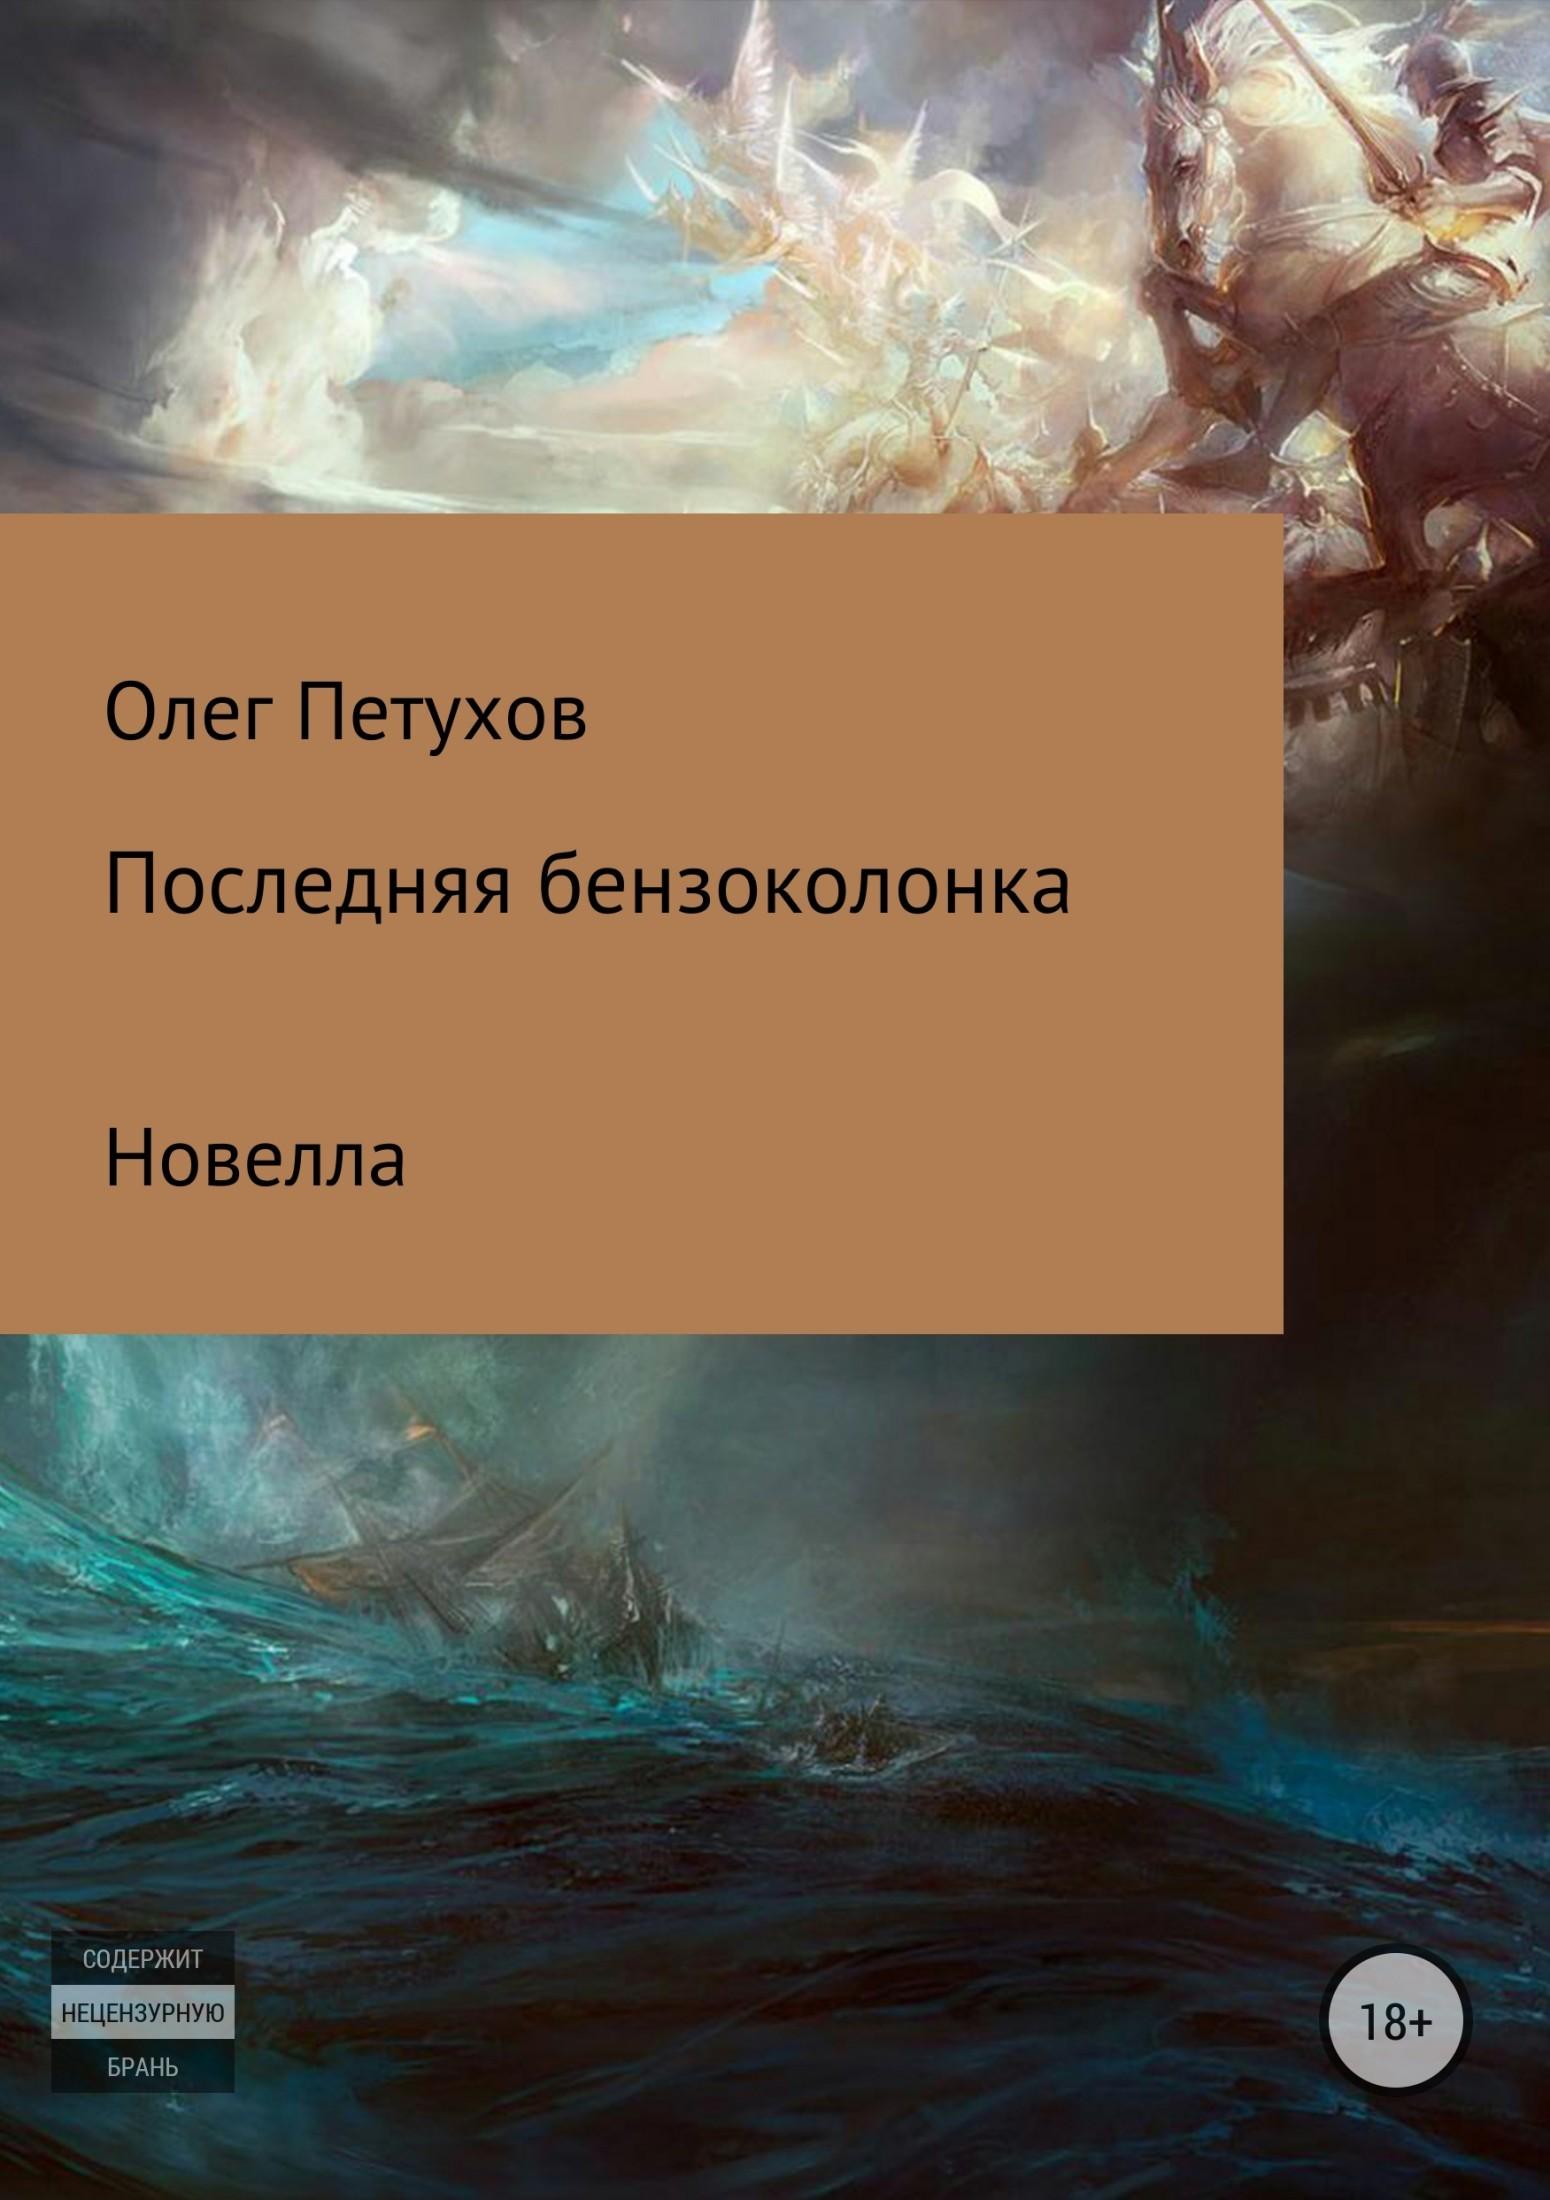 Олег Петухов - Последняя бензоколонка